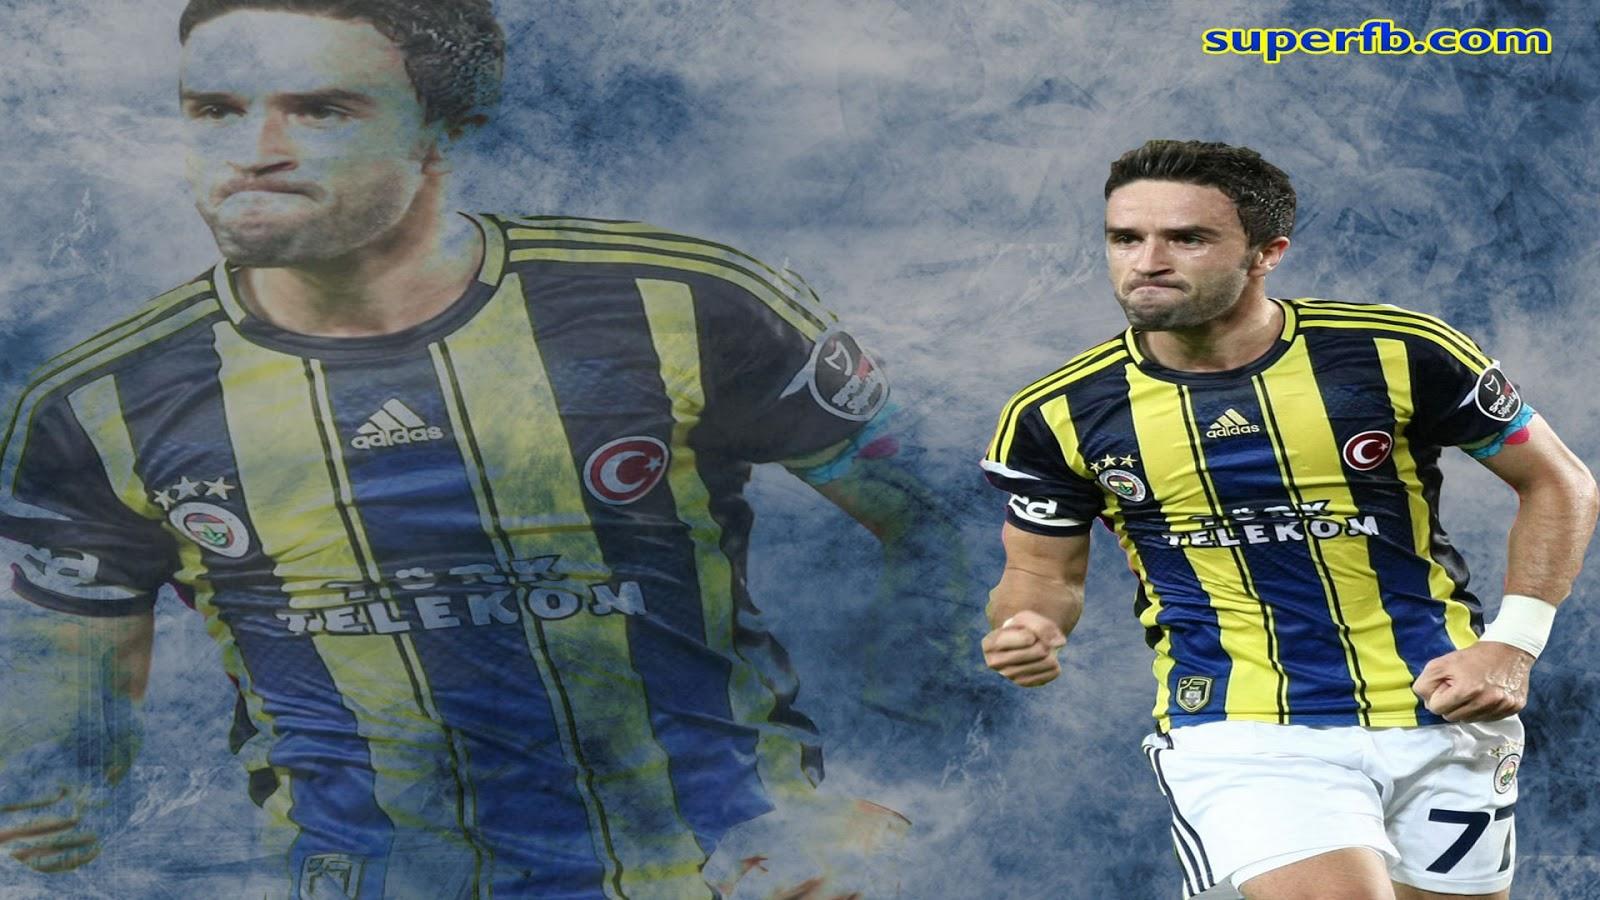 fenerbahce+resim+rooteto+24 Fenerbahçe HD Resimleri